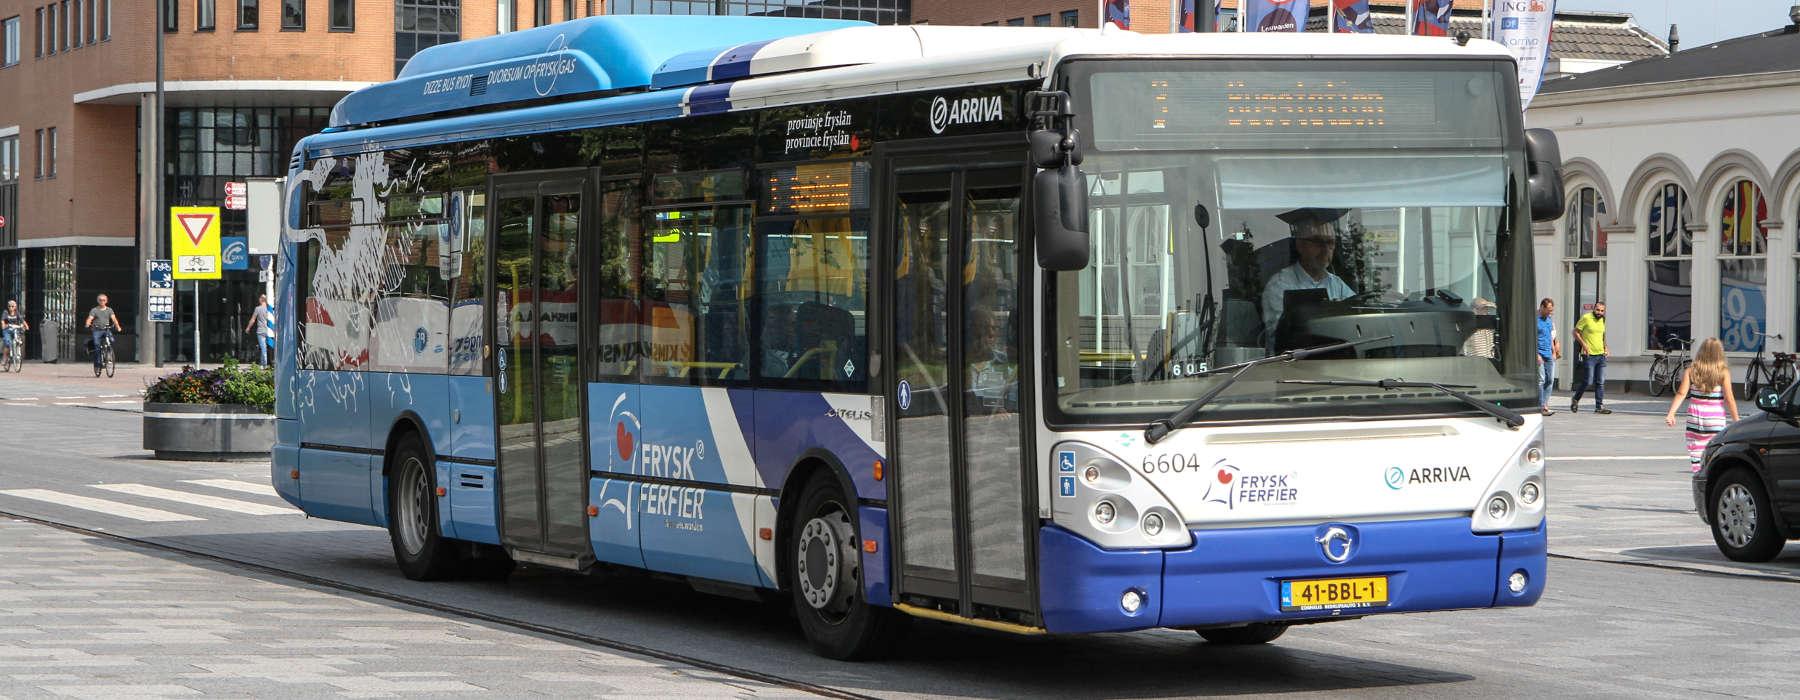 Nijs FNP - Ferfier yn Fryslan - Blauwe Arriva bus